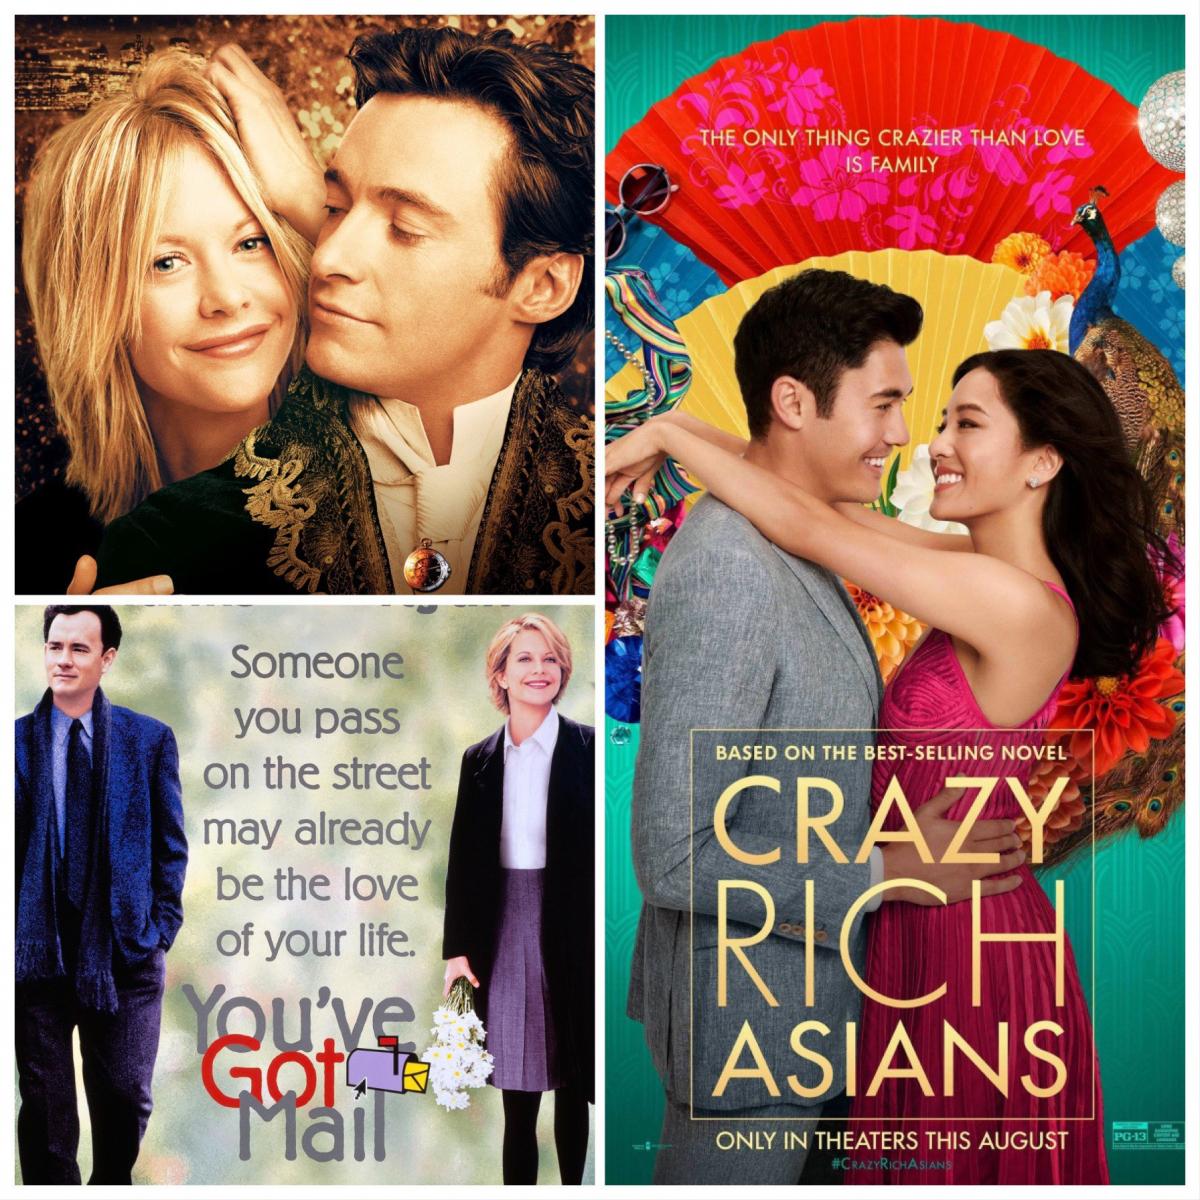 【非現実的、だからロマンティック!編】「こんなことありえない!」と思いながらもなぜかドキドキ。ロマンティックなストーリーに心ときめく『ニューヨークの恋人』(2001)、『ユー・ガット・メール』(1998)、『クレイジー・リッチ!』(2018)。